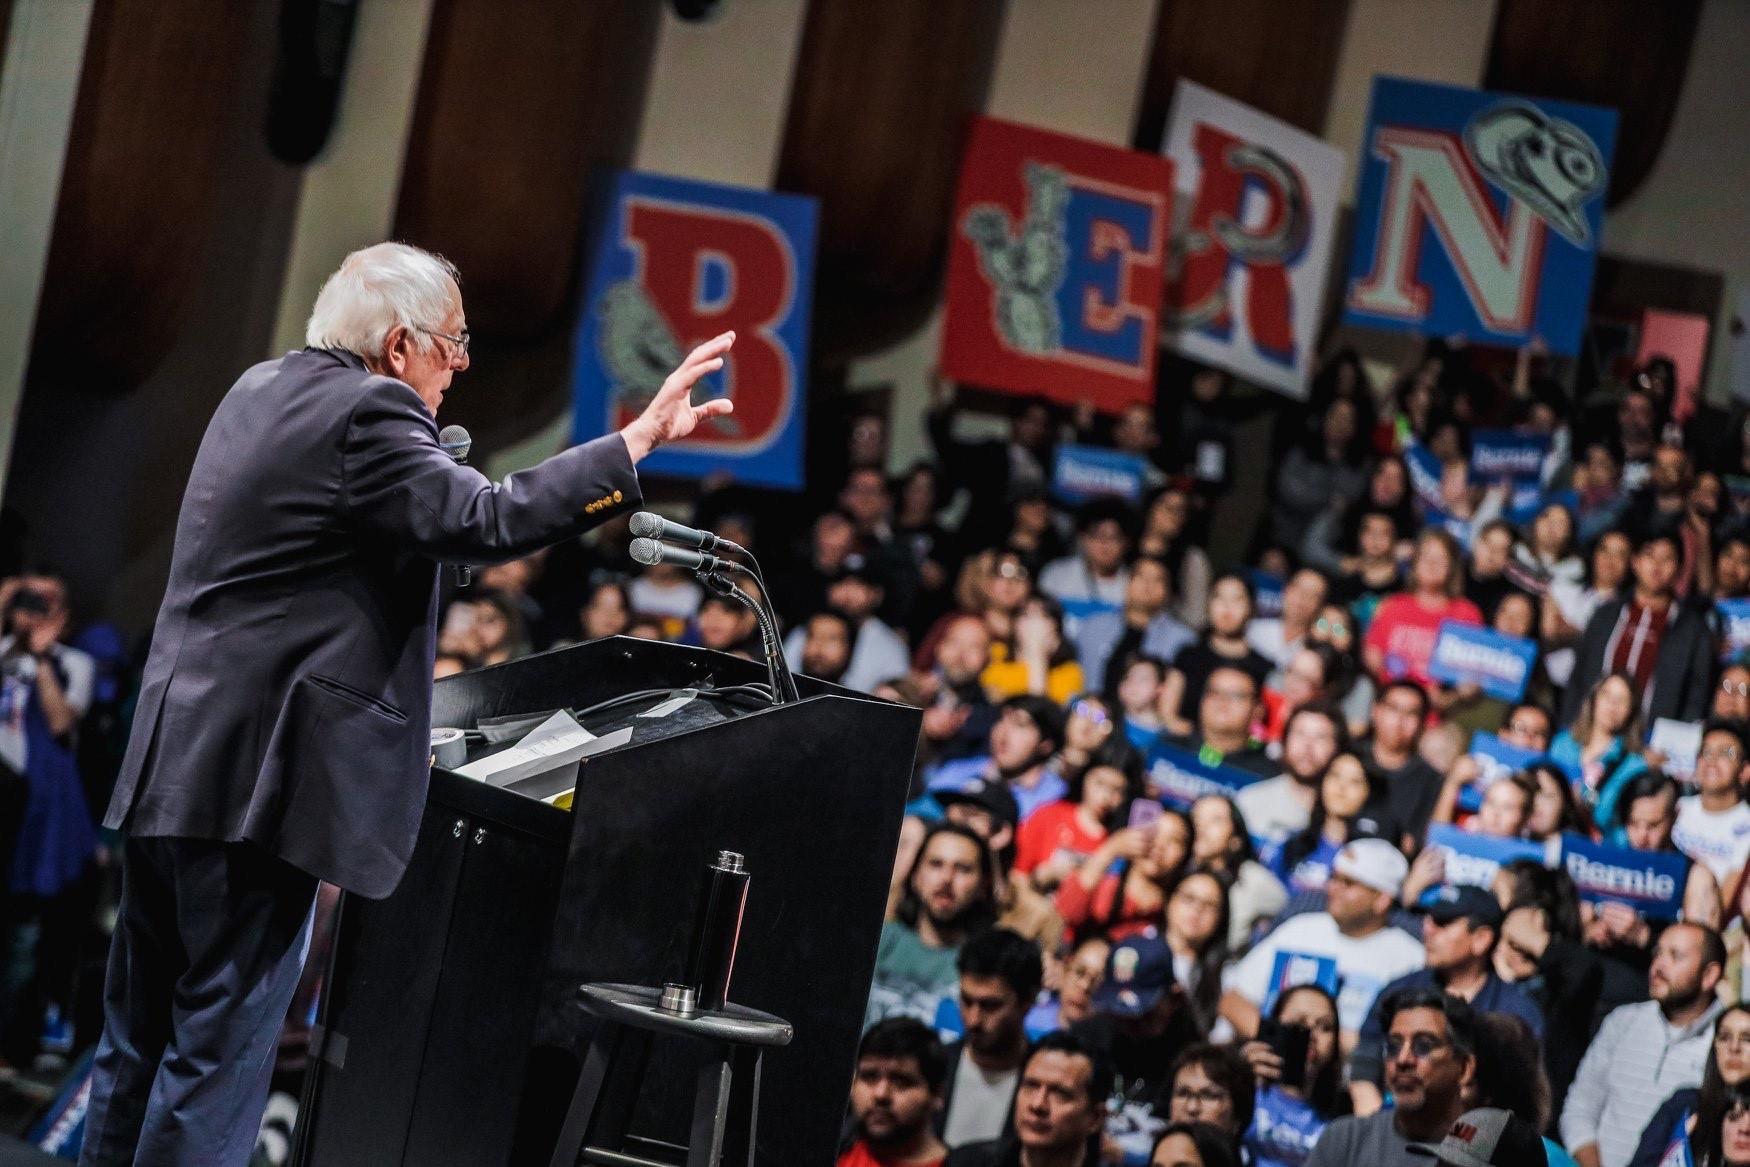 Sanders vence primárias em Nevada e confirma favoritismo entre democratas